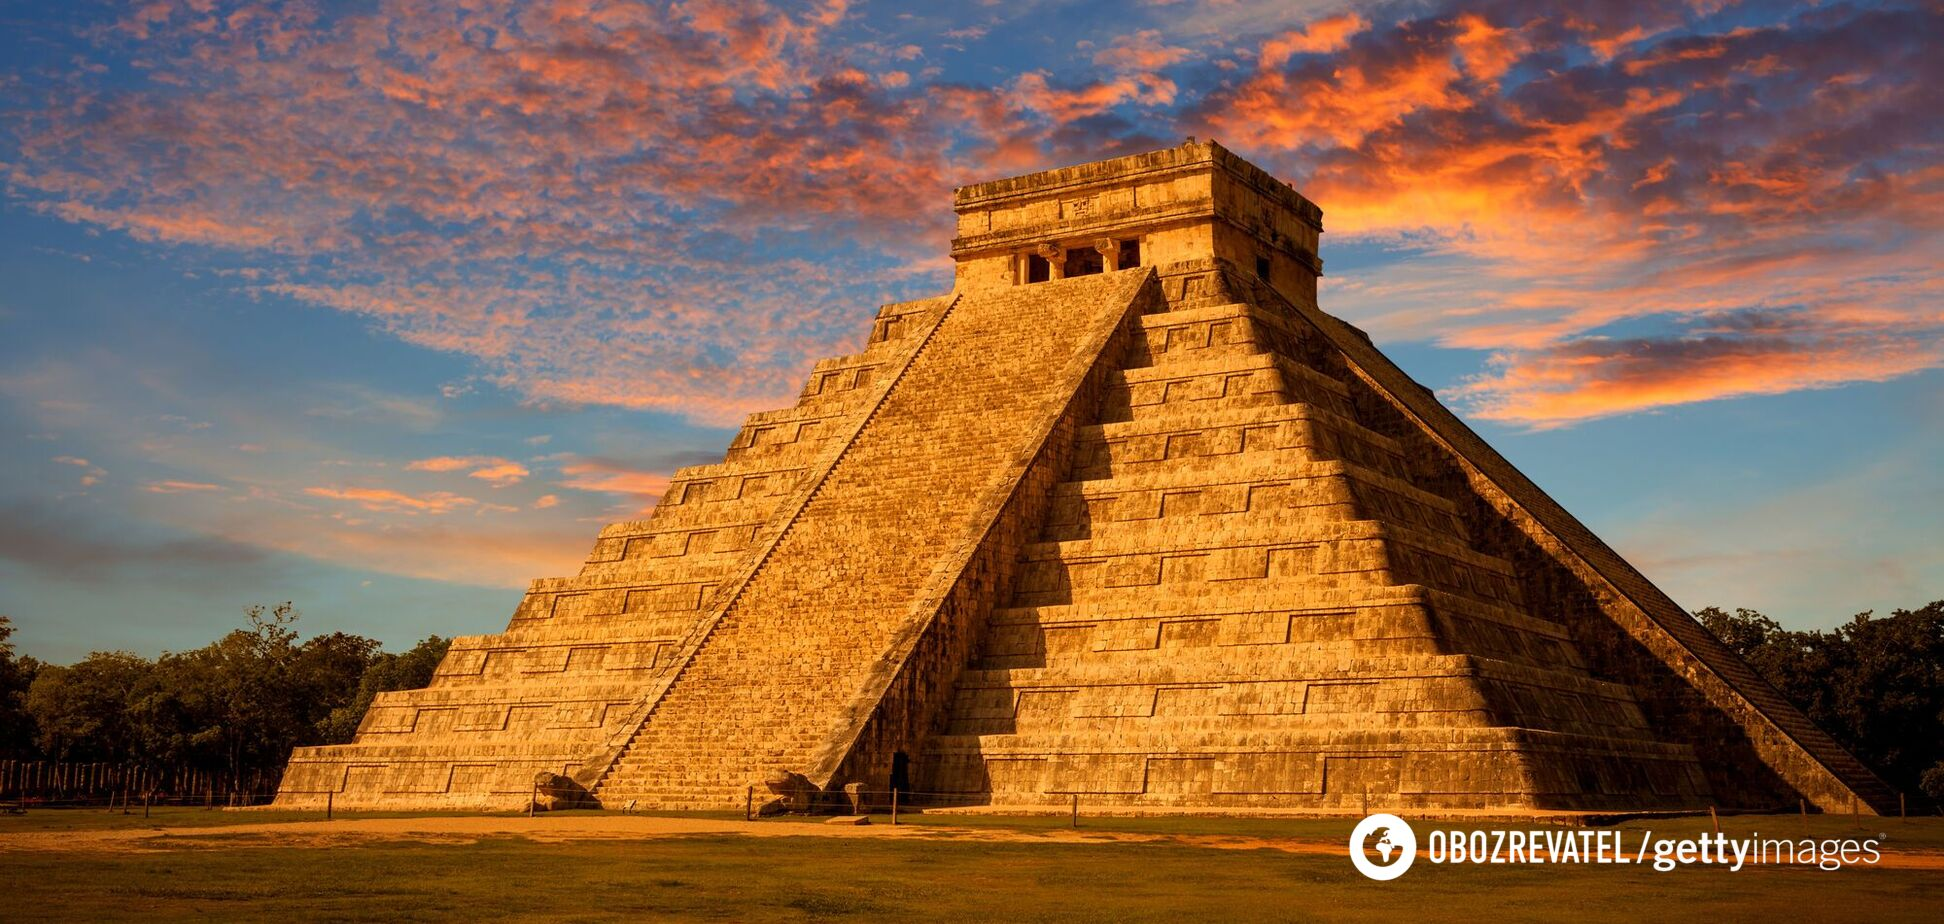 Племена майя употребляли курительные смеси из трех компонентов